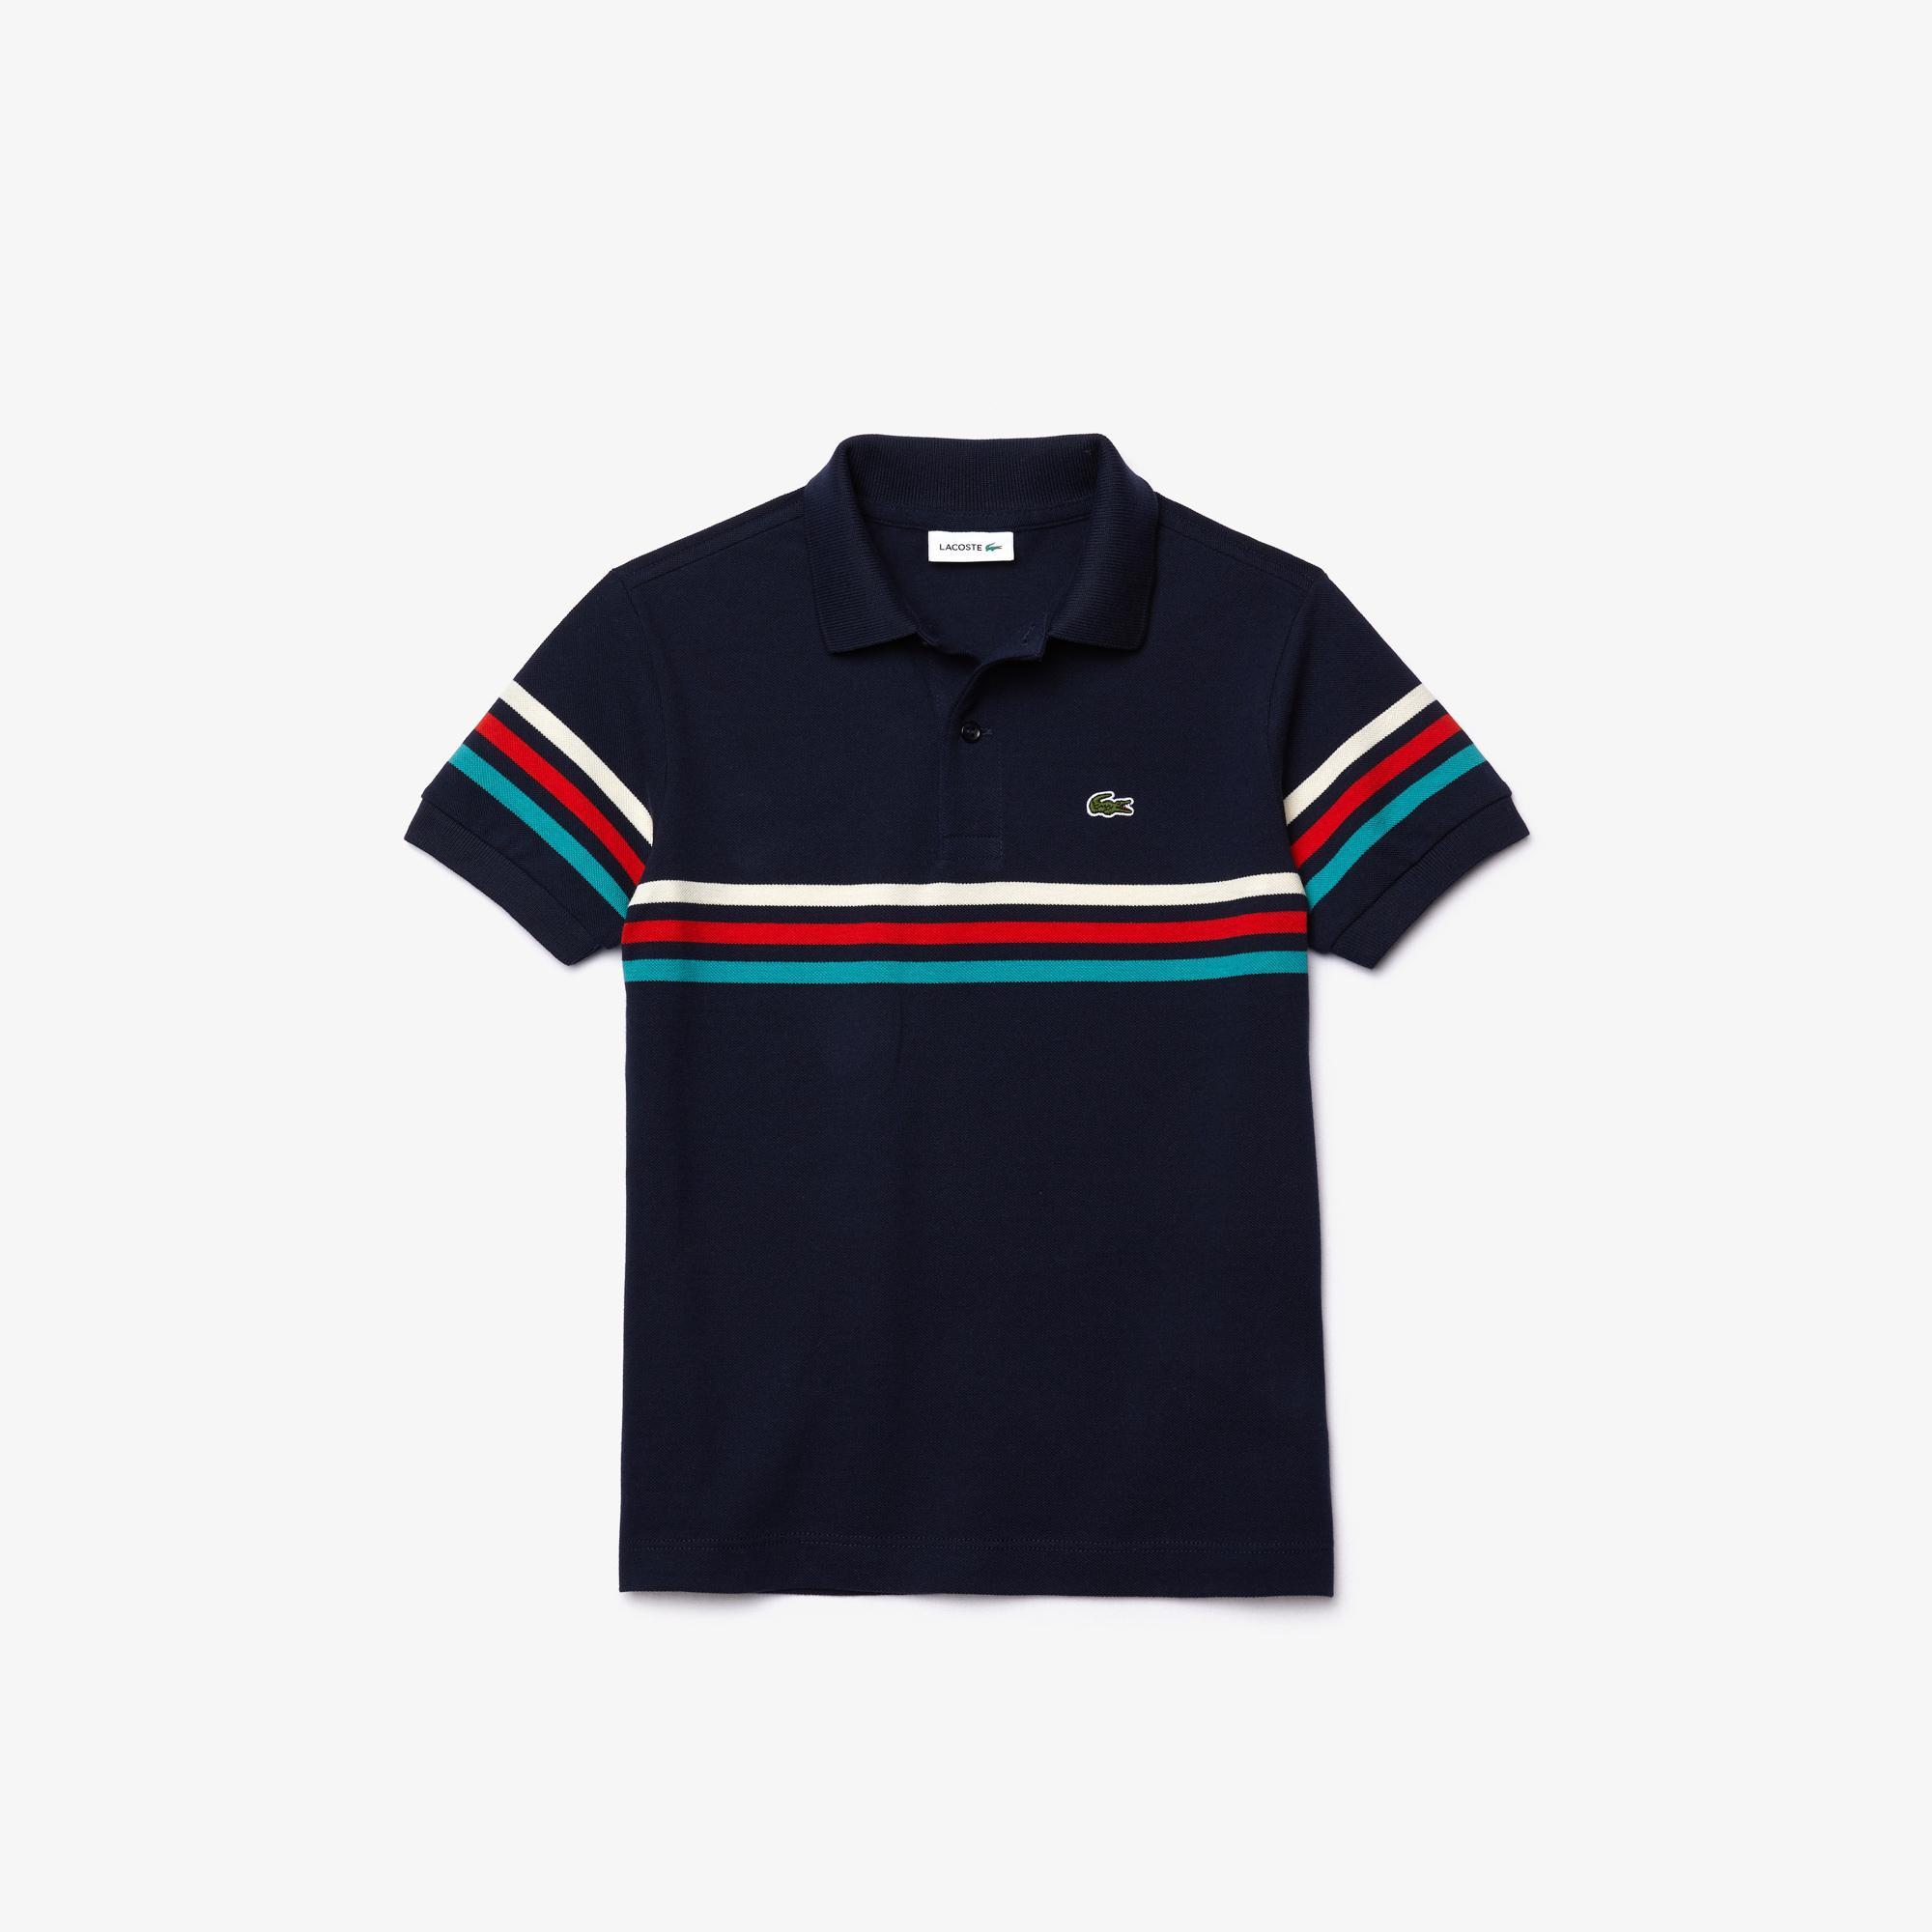 Lacoste Boys' Tricolour Striped Cotton Piqué Polo